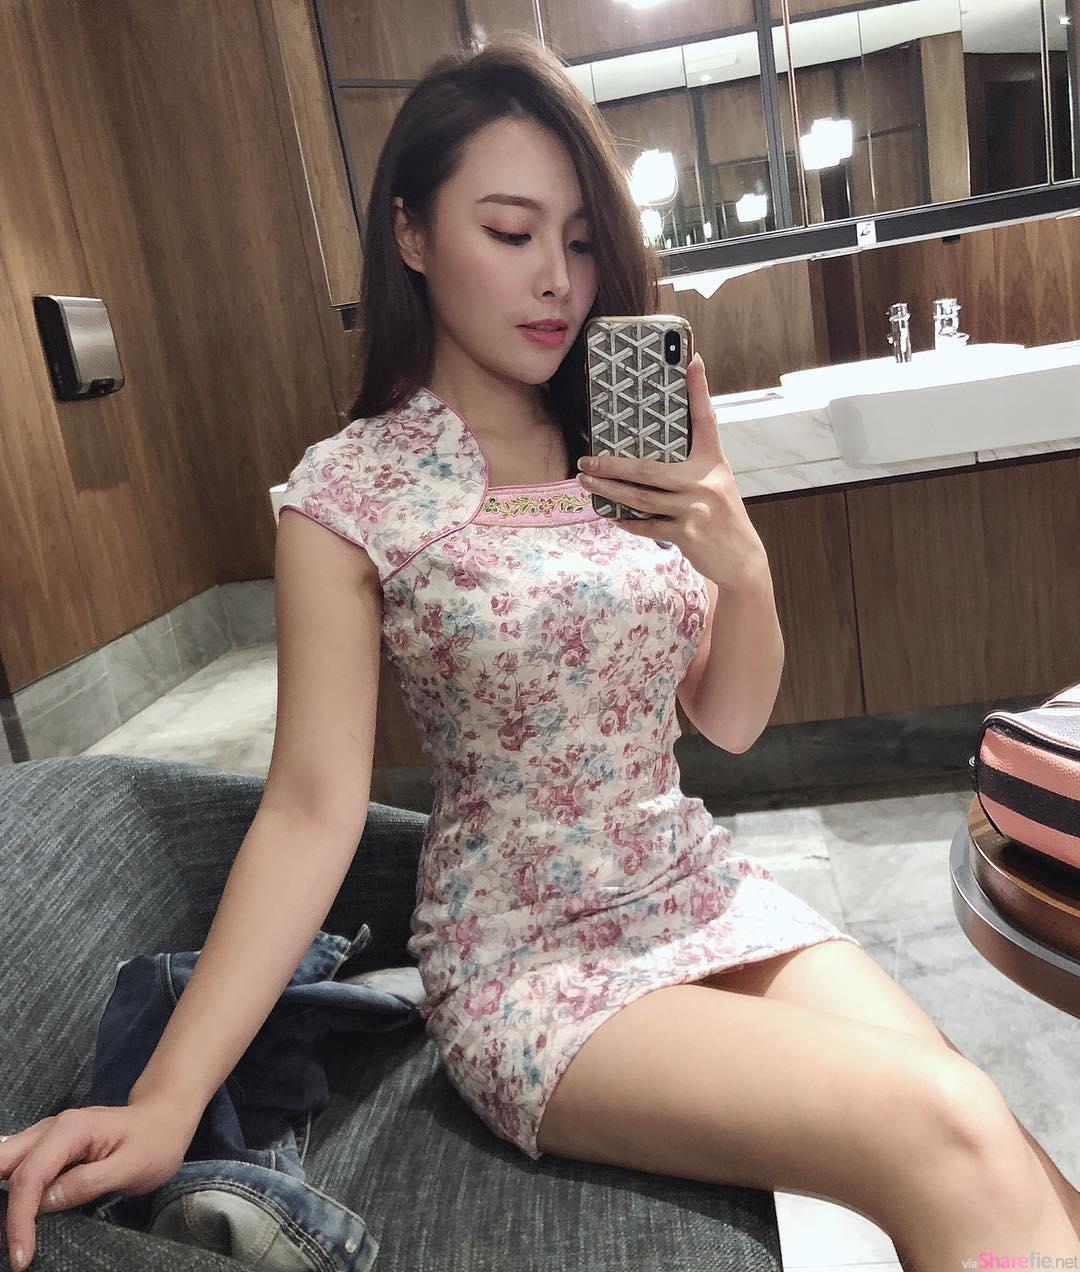 大马正妹Iko Mah,粉色系花旗袍完美衬托诱人曲线